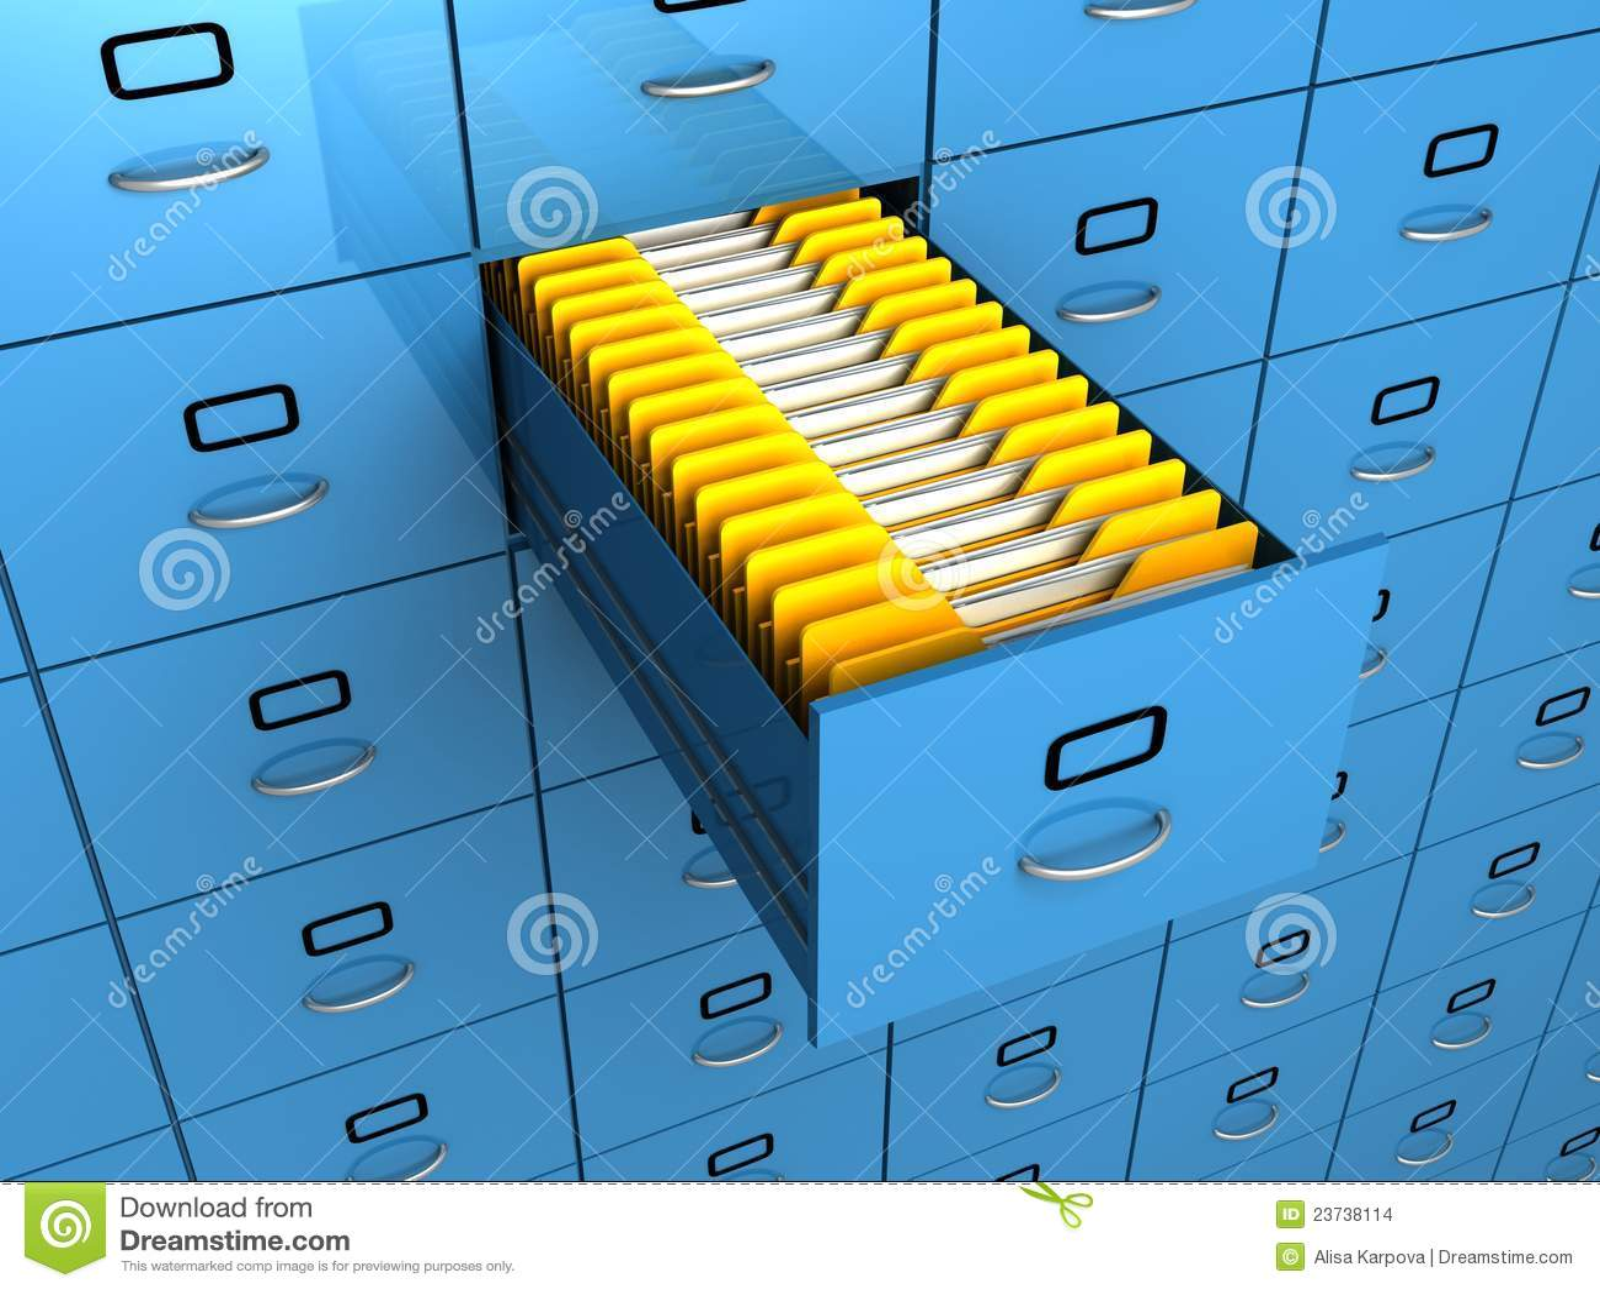 Vind omslag in het blauwe kabinet van de archieflade stock ...